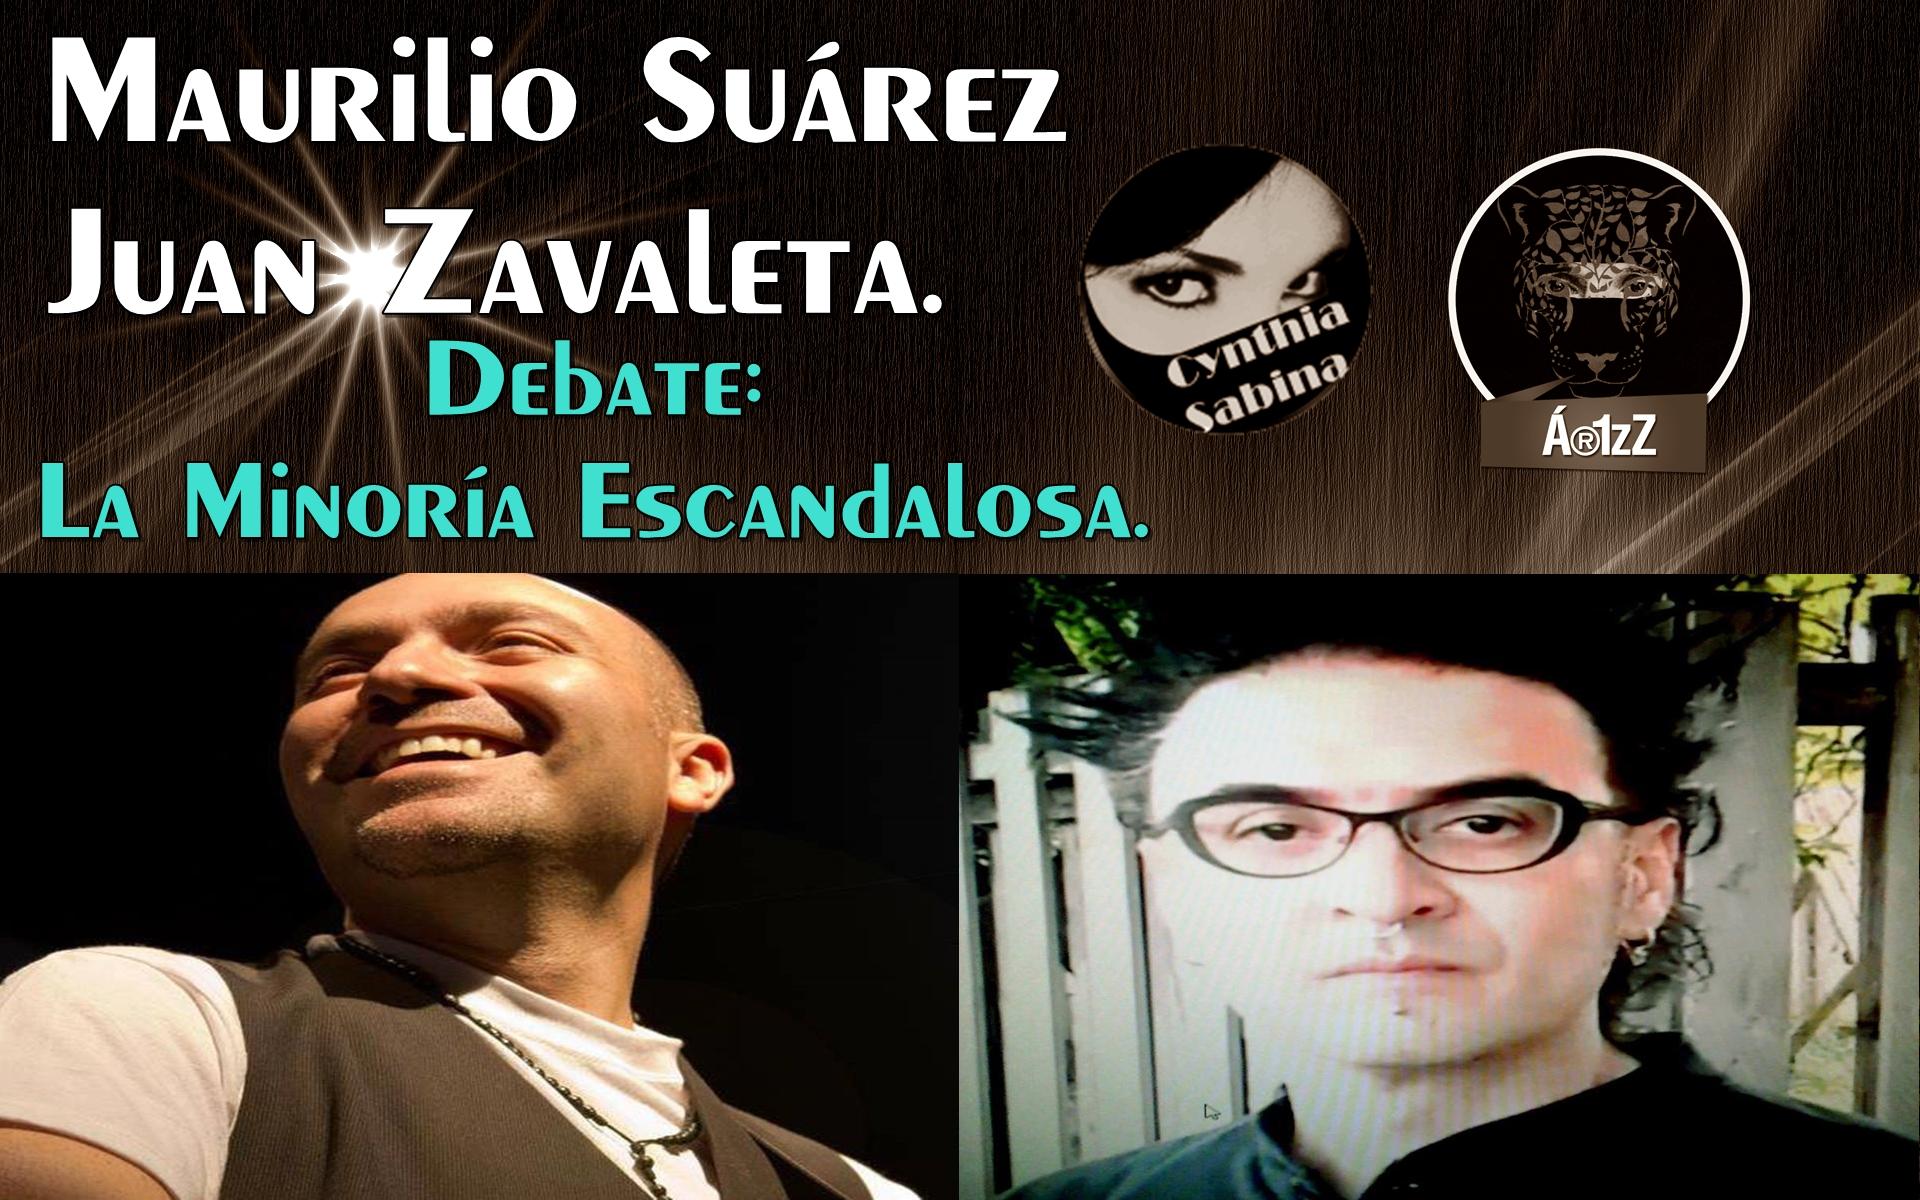 """""""La minoría Escandalosa"""". Maurilio Suárez debate con Juan Zavaleta. ¿Cuál es la realidad en México?"""